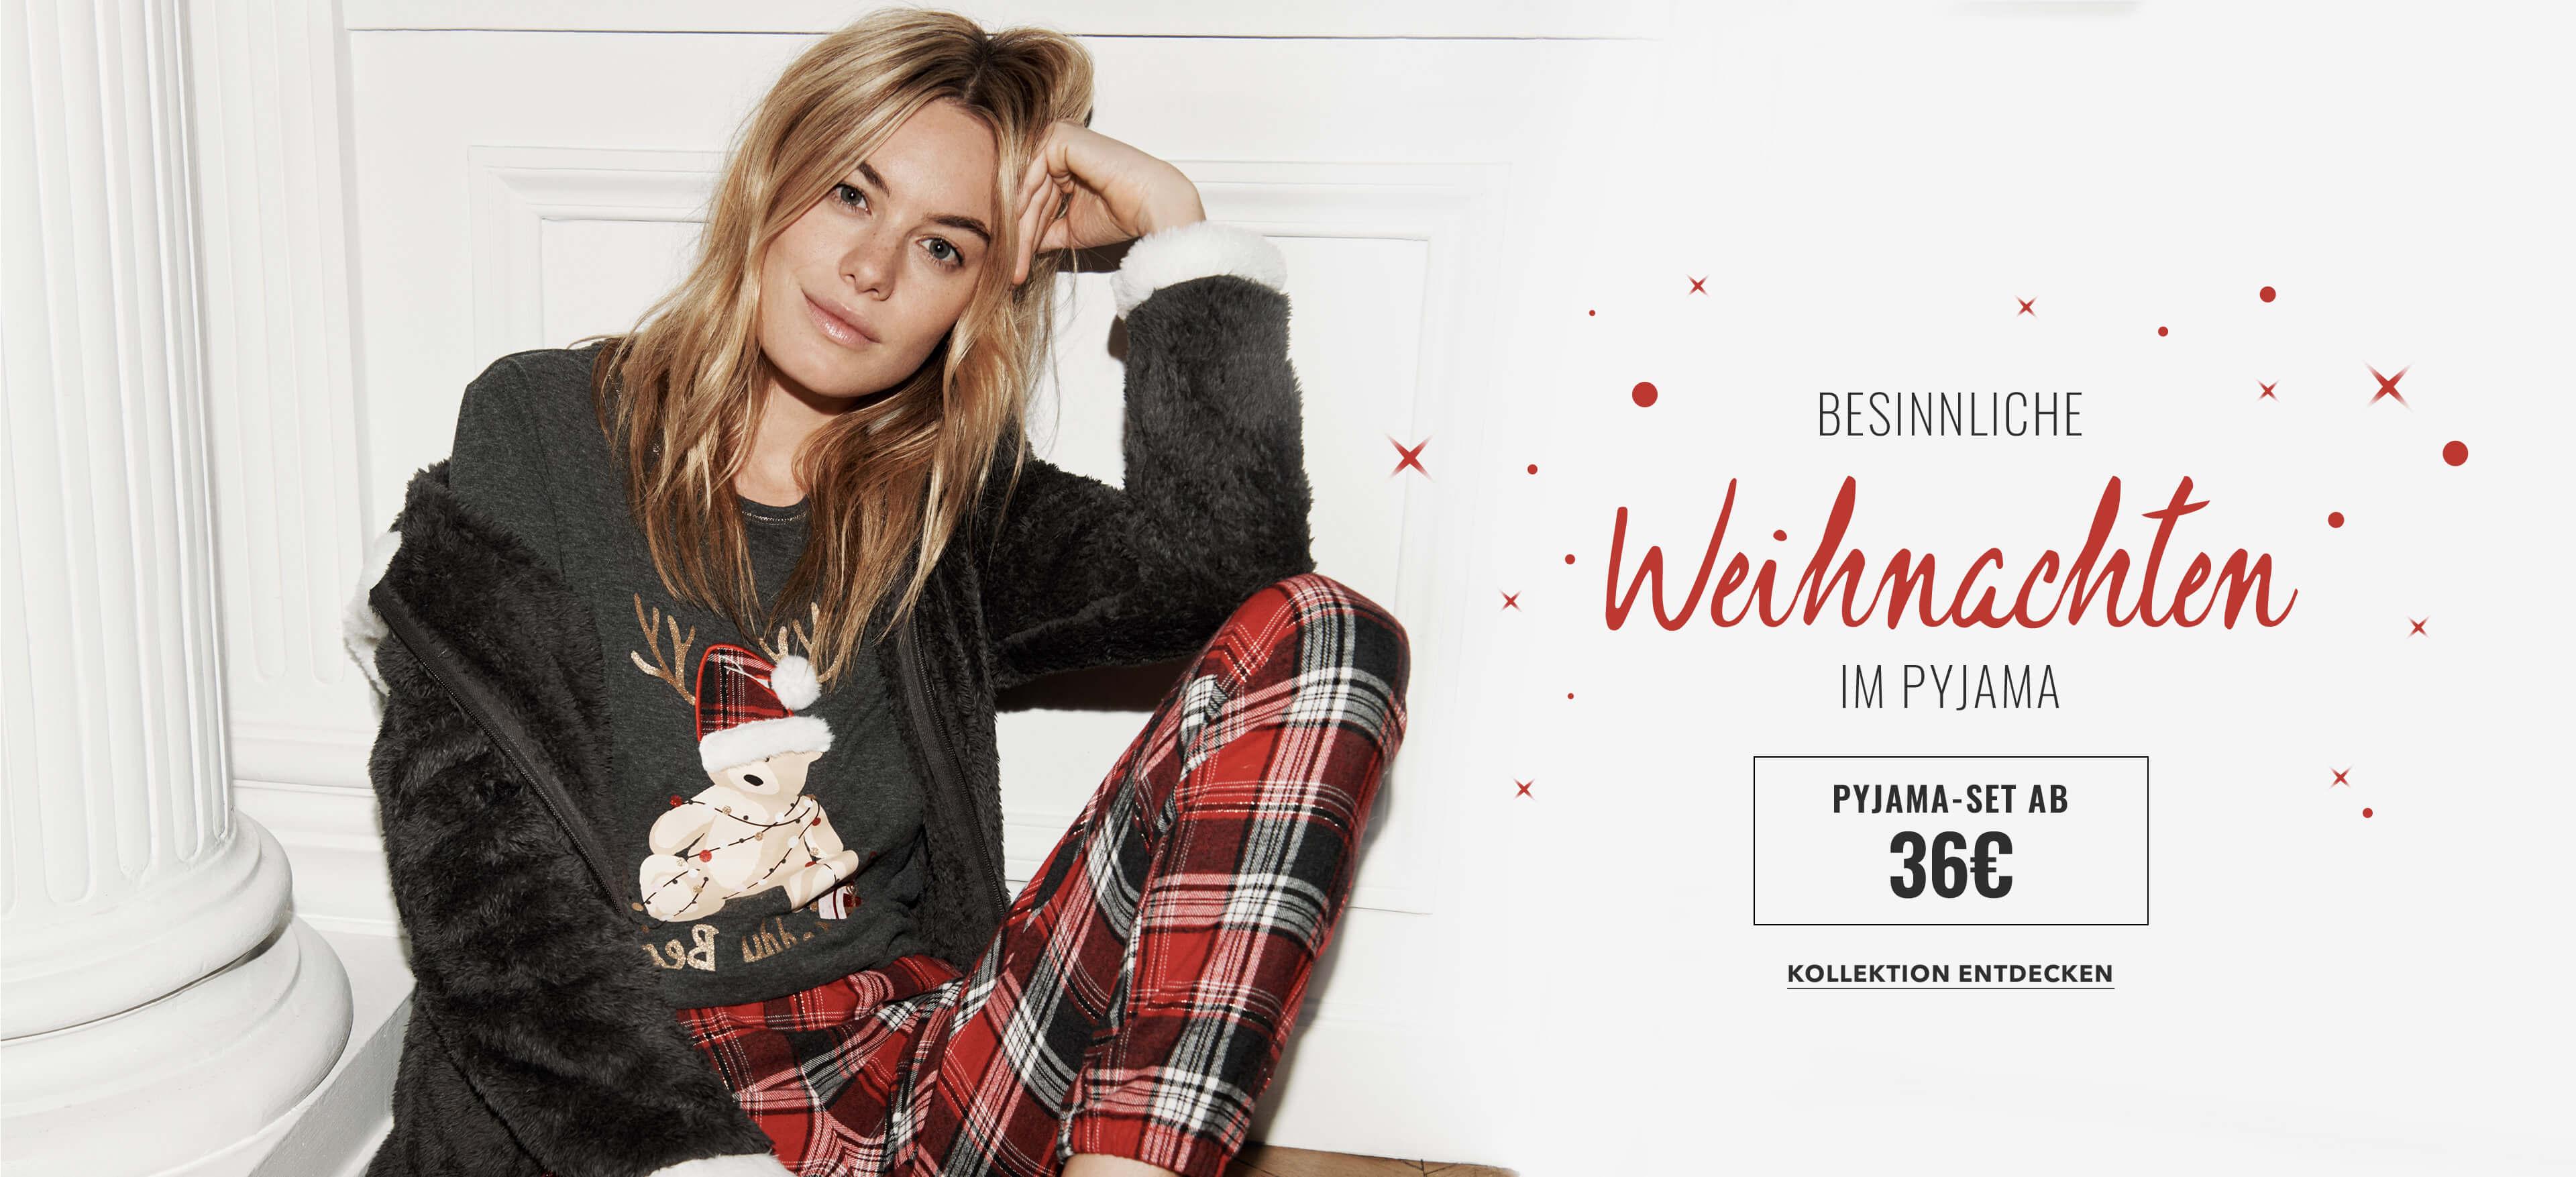 BESINNLICHE Weihnachten im pyjama